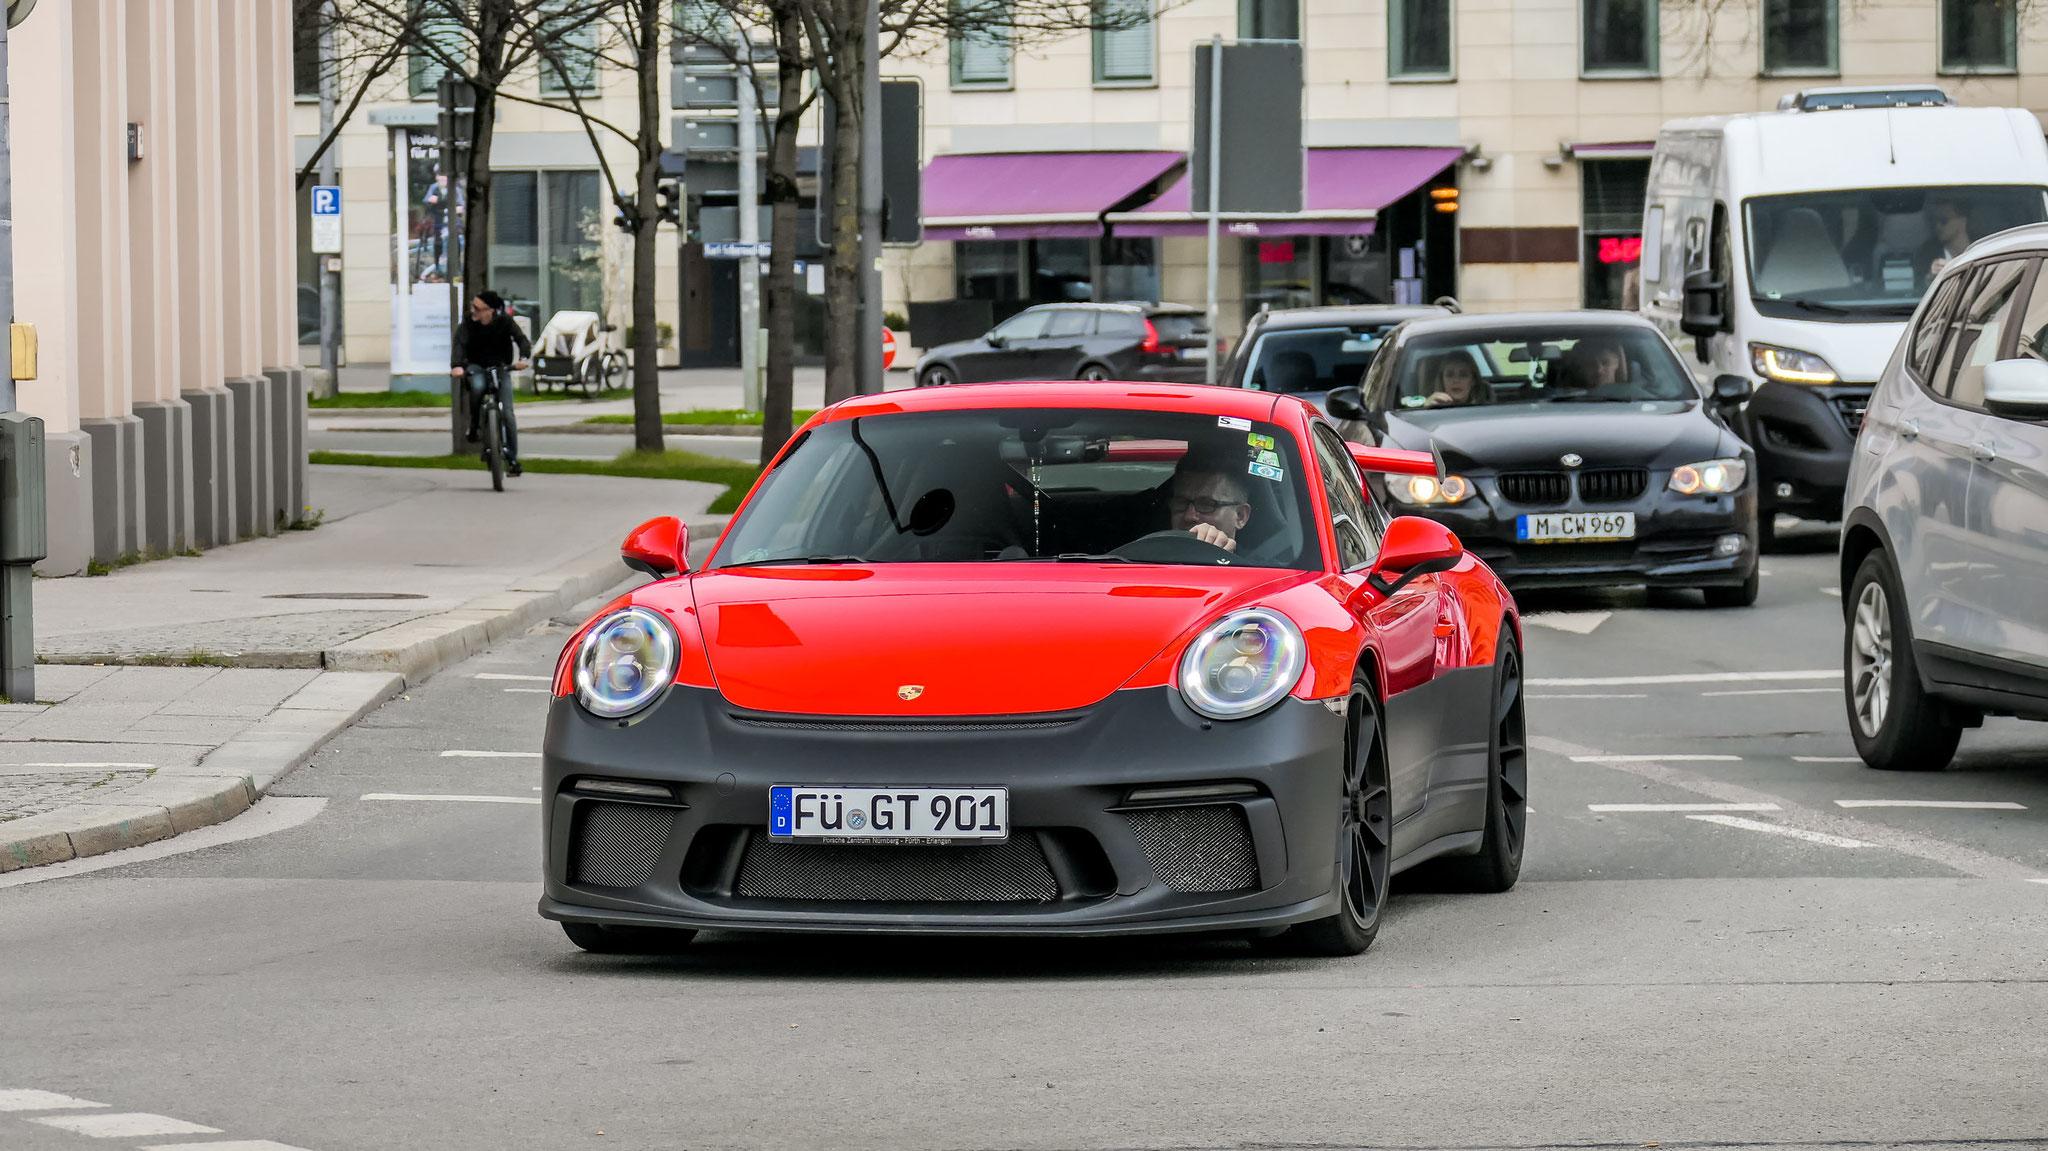 Porsche 991 GT3 - FÜ-GT-901